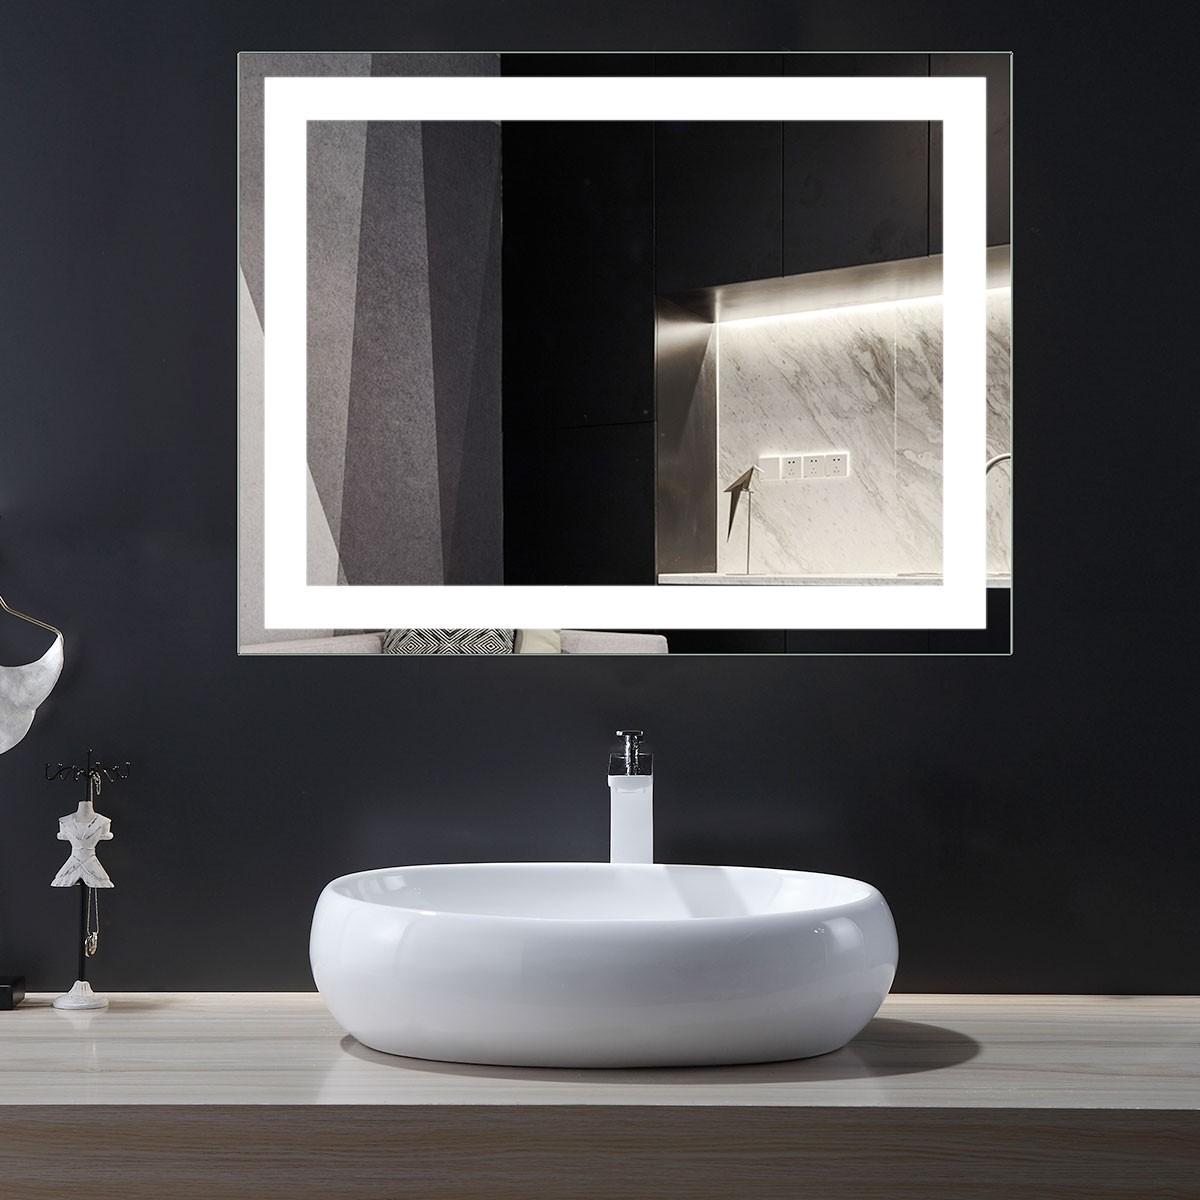 DECORAPORT 36 x 28 Po Miroir de Salle de Bain LED/Miroir Chambre avec Contrôle du Capteur Infrarouge, Anti-Buée, Montage Vertical & Horizontal (CG13-3628)